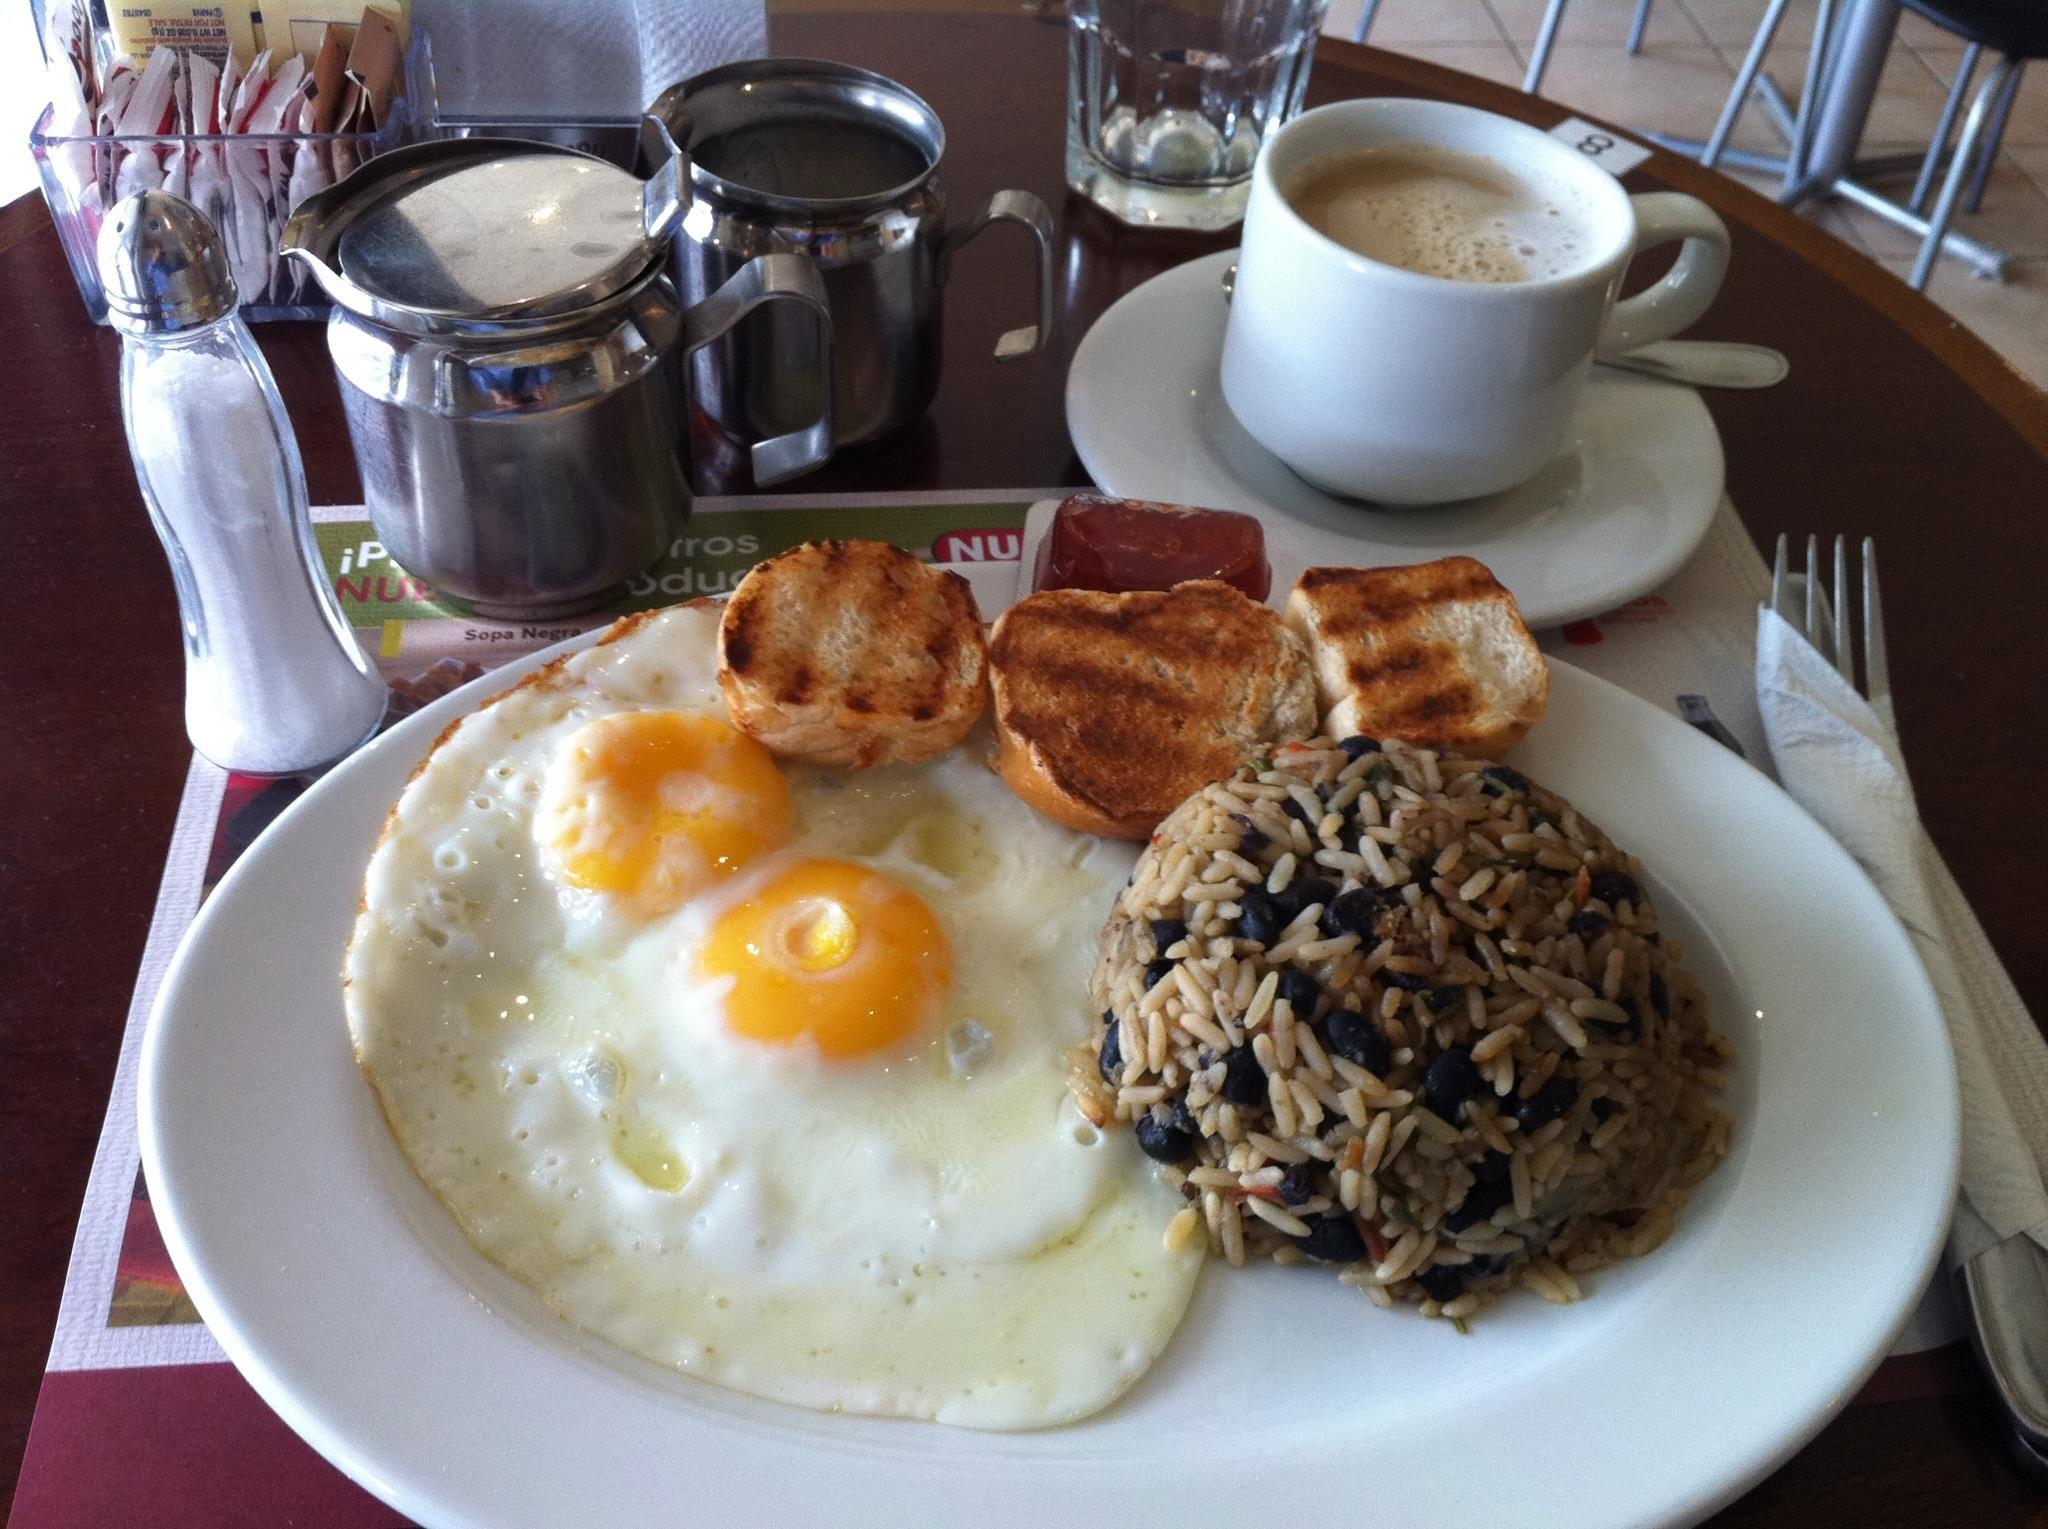 Desayuno típico de Costa Rica | Clase - la comida ... Desayuno Espanol Tipico